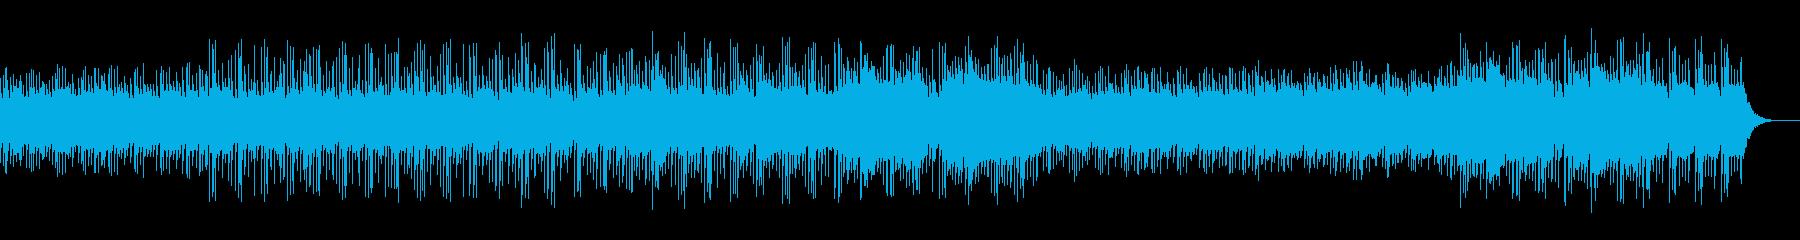 民族楽器を使ったほのぼのした曲の再生済みの波形